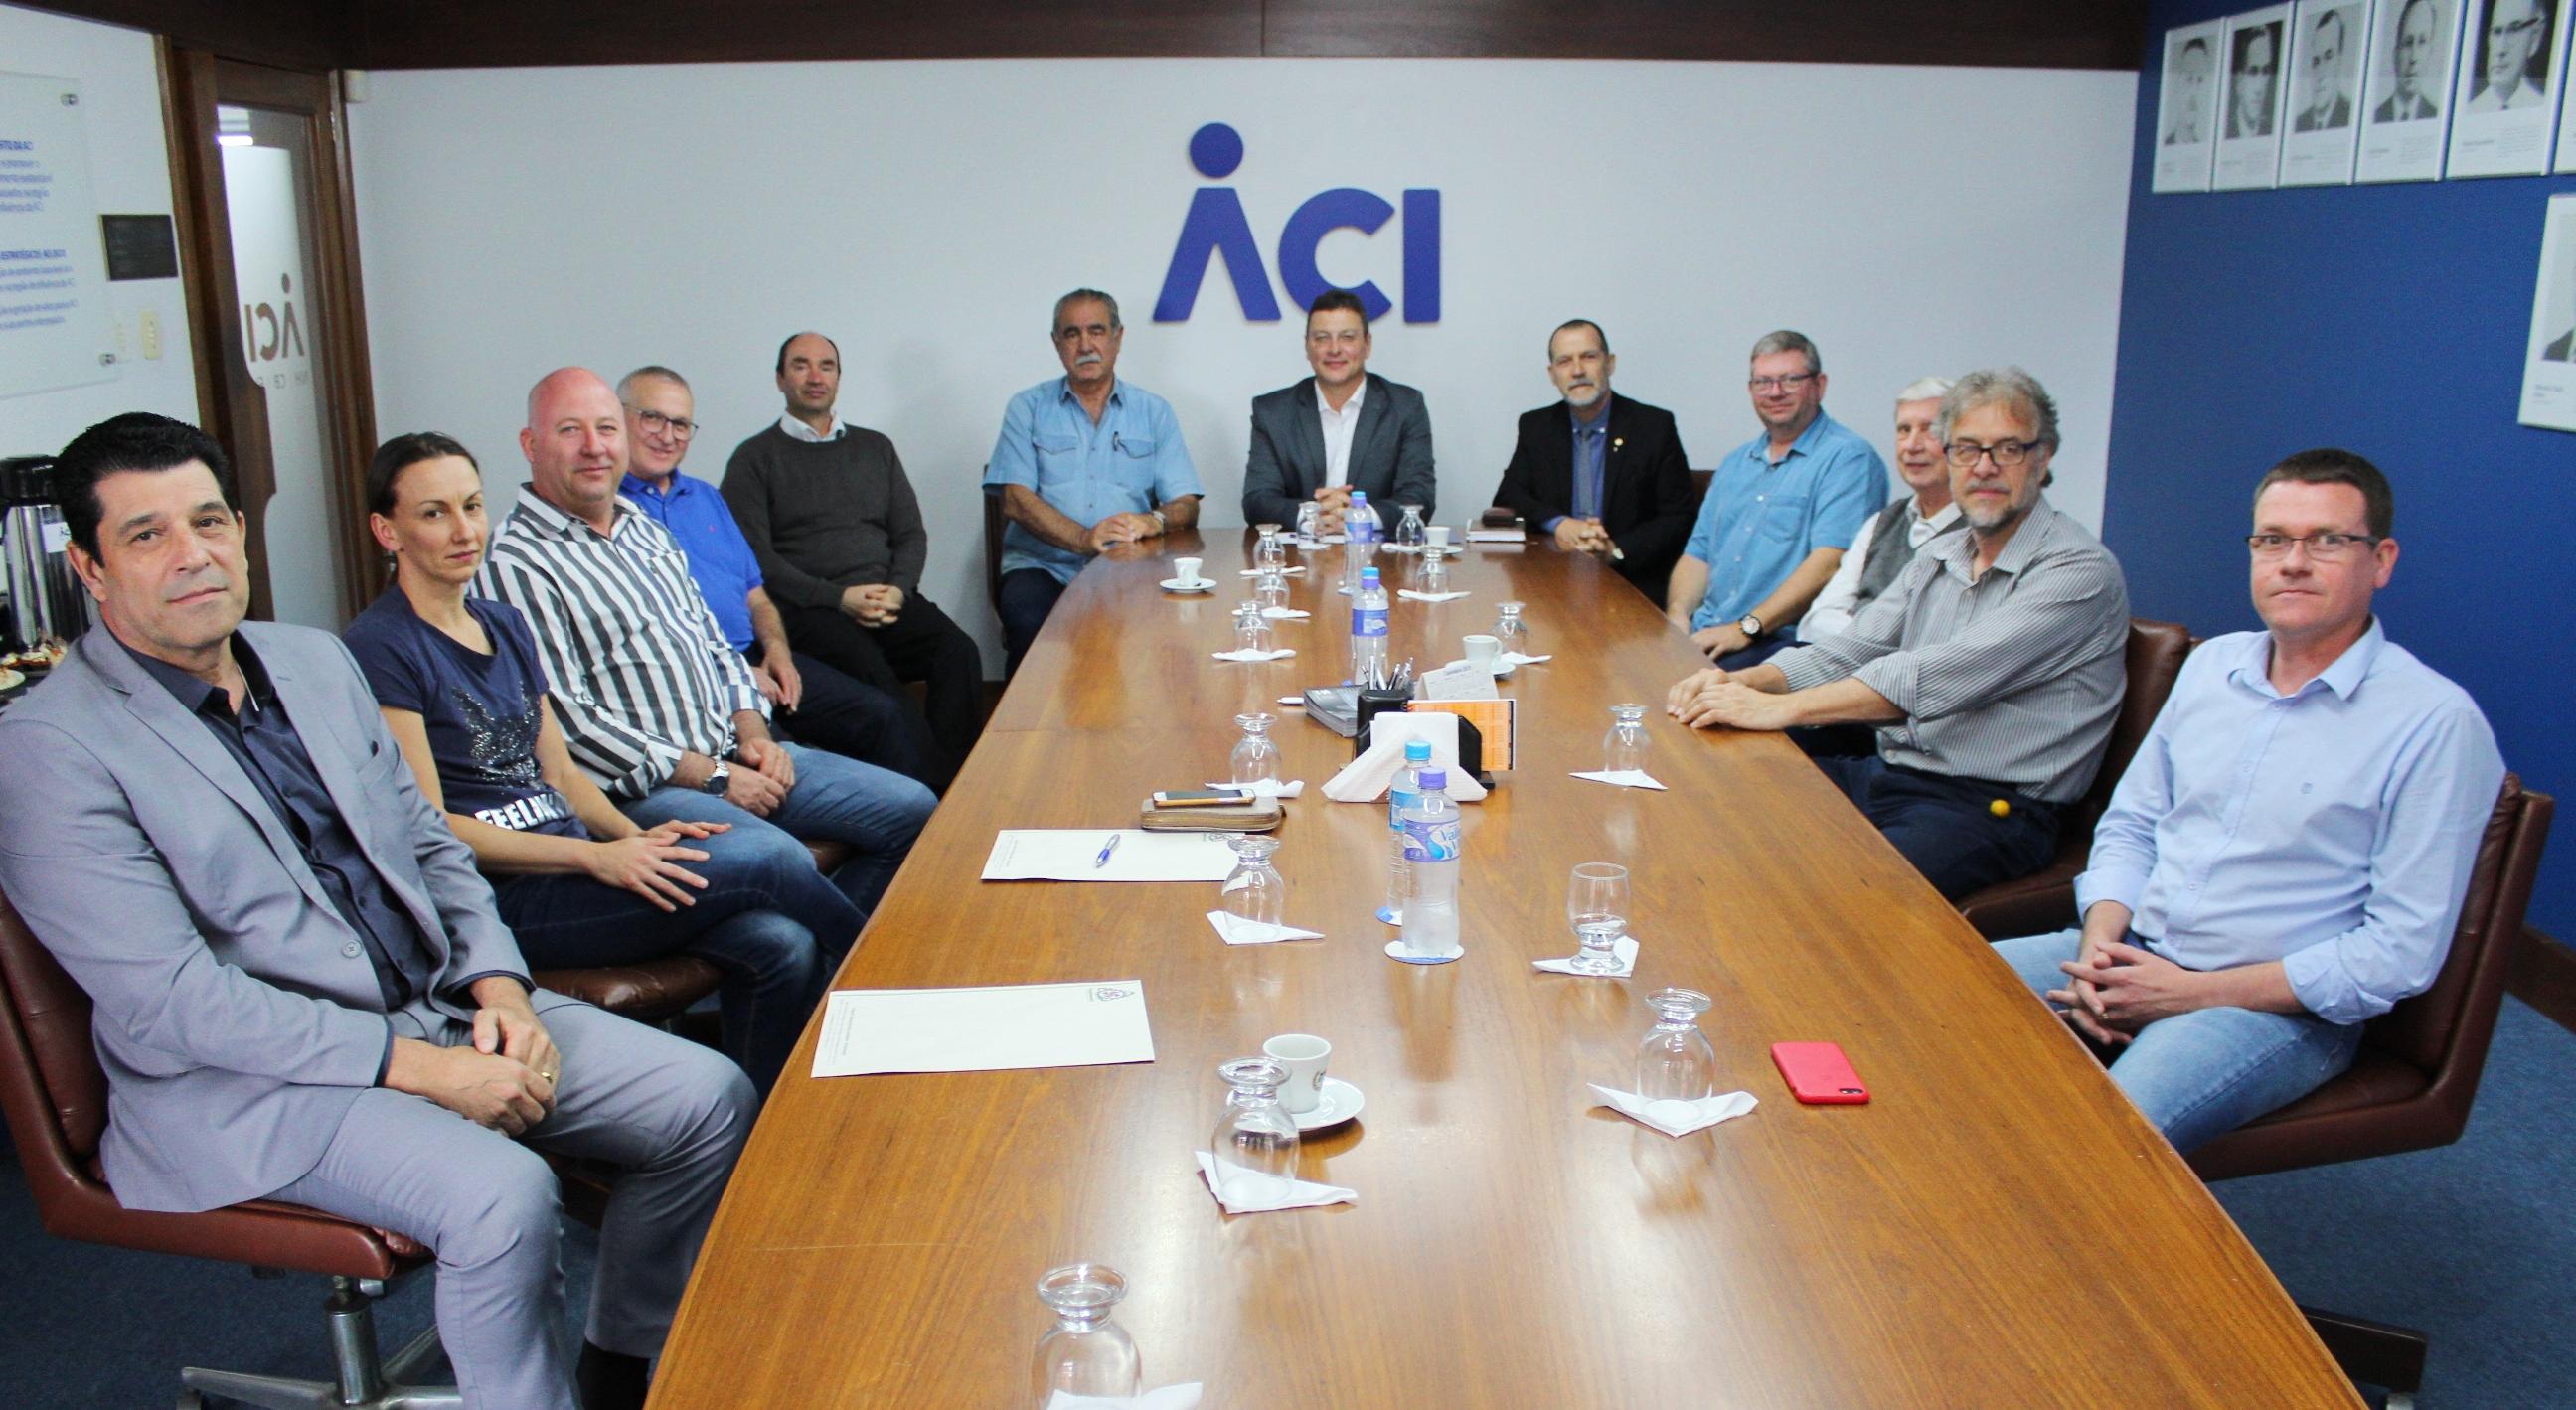 Fundamental elege integrantes da gestão 2020/2021, reconduzindo ao cargo o presidente Mário Marchini